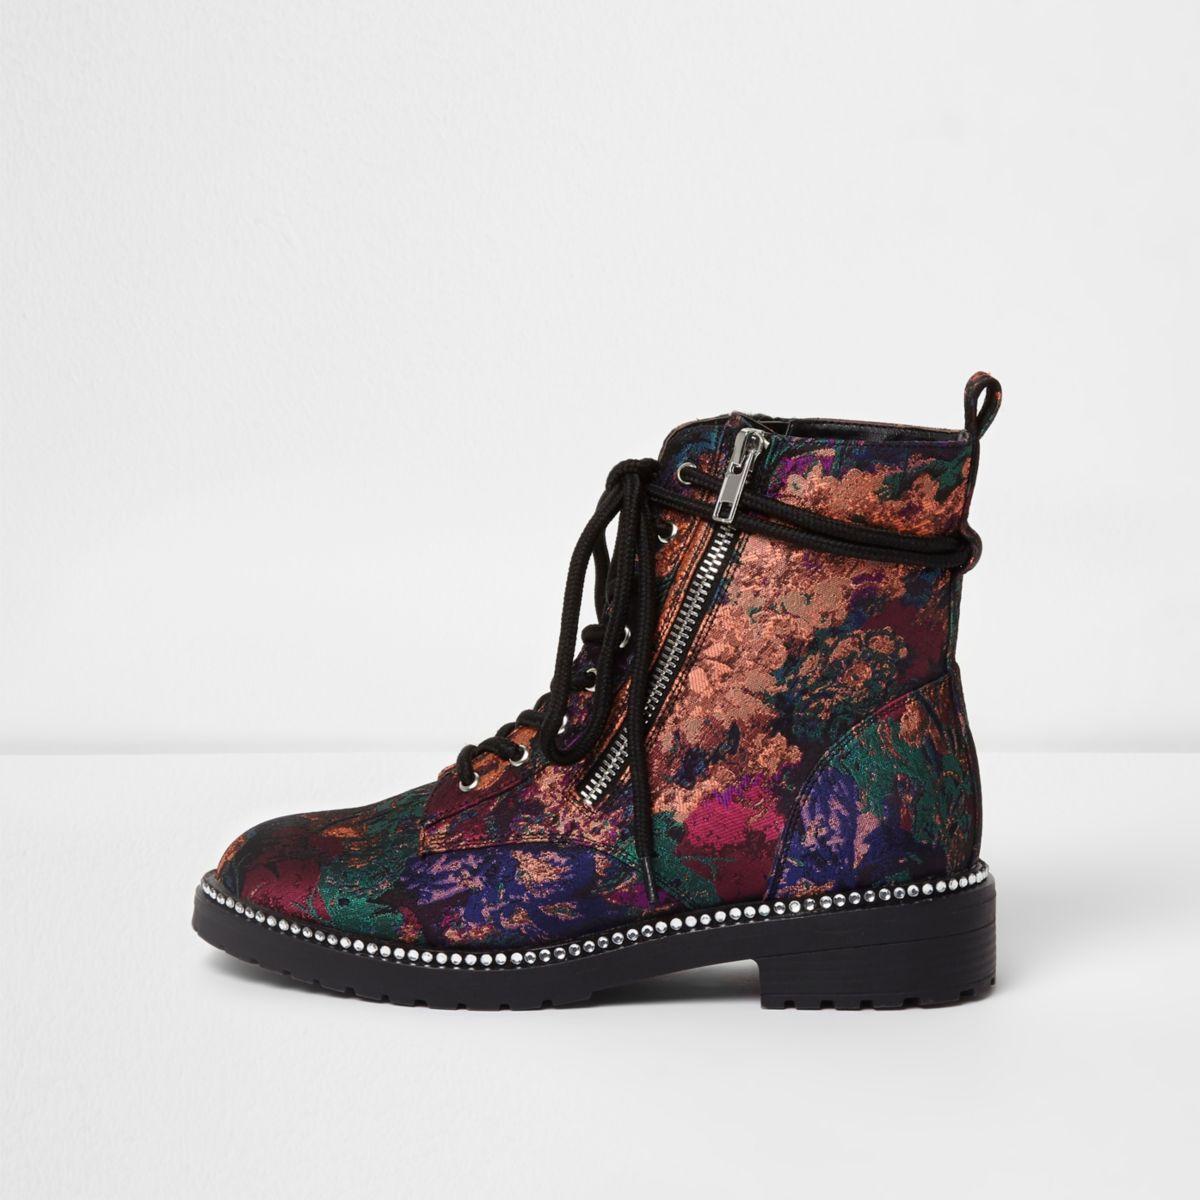 Black floral jacquard lace-up biker boots